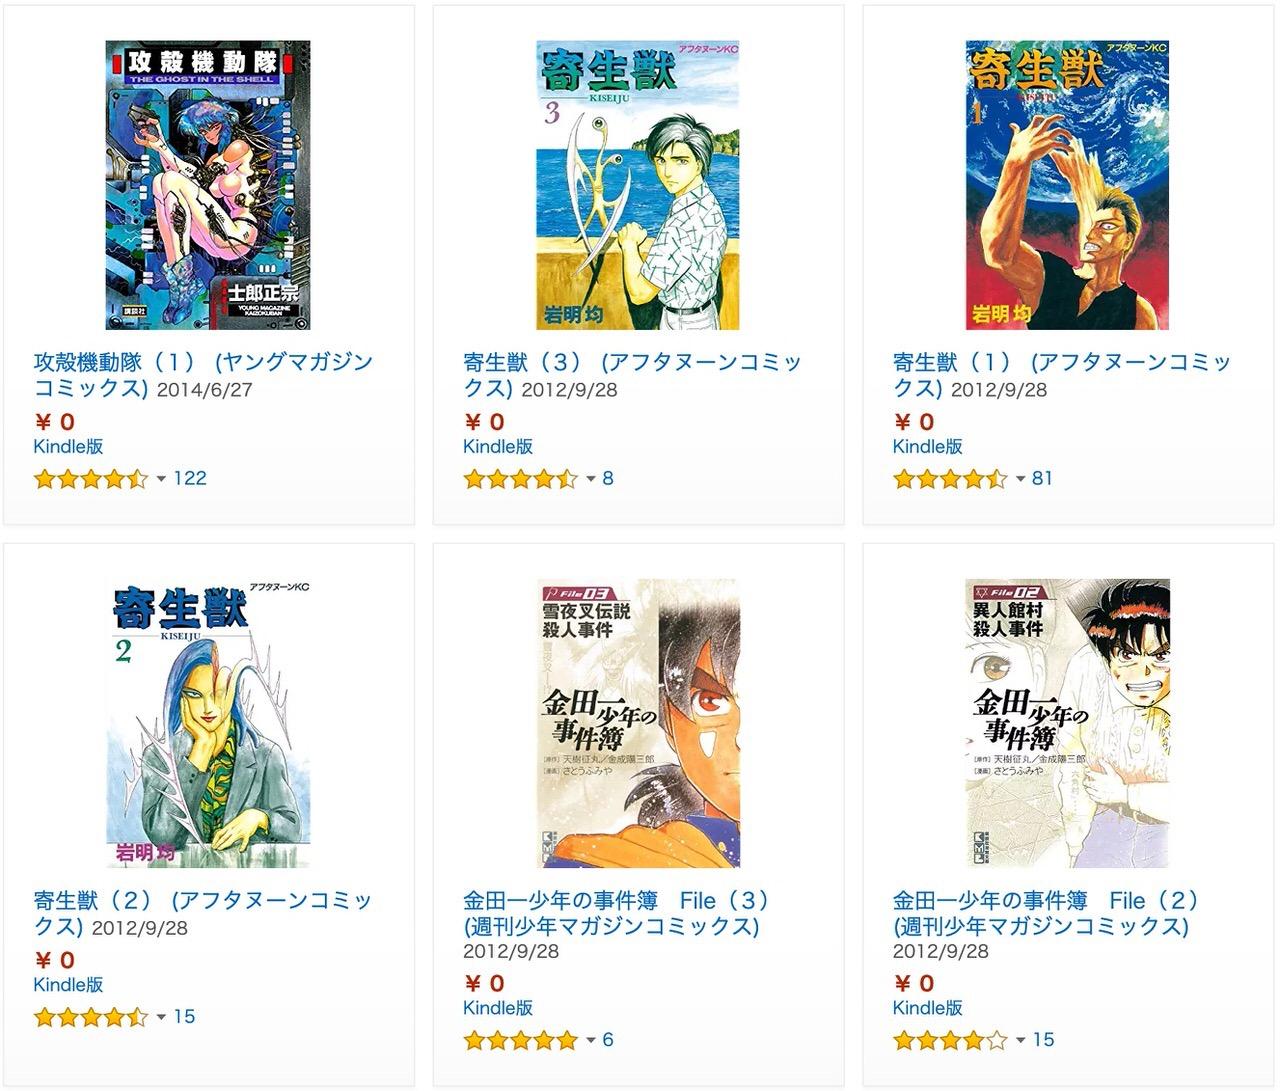 【Kindleセール】ほぼ0円!「平成総括シリーズ第一弾 1989年~1994年代名作選」(3/14まで)